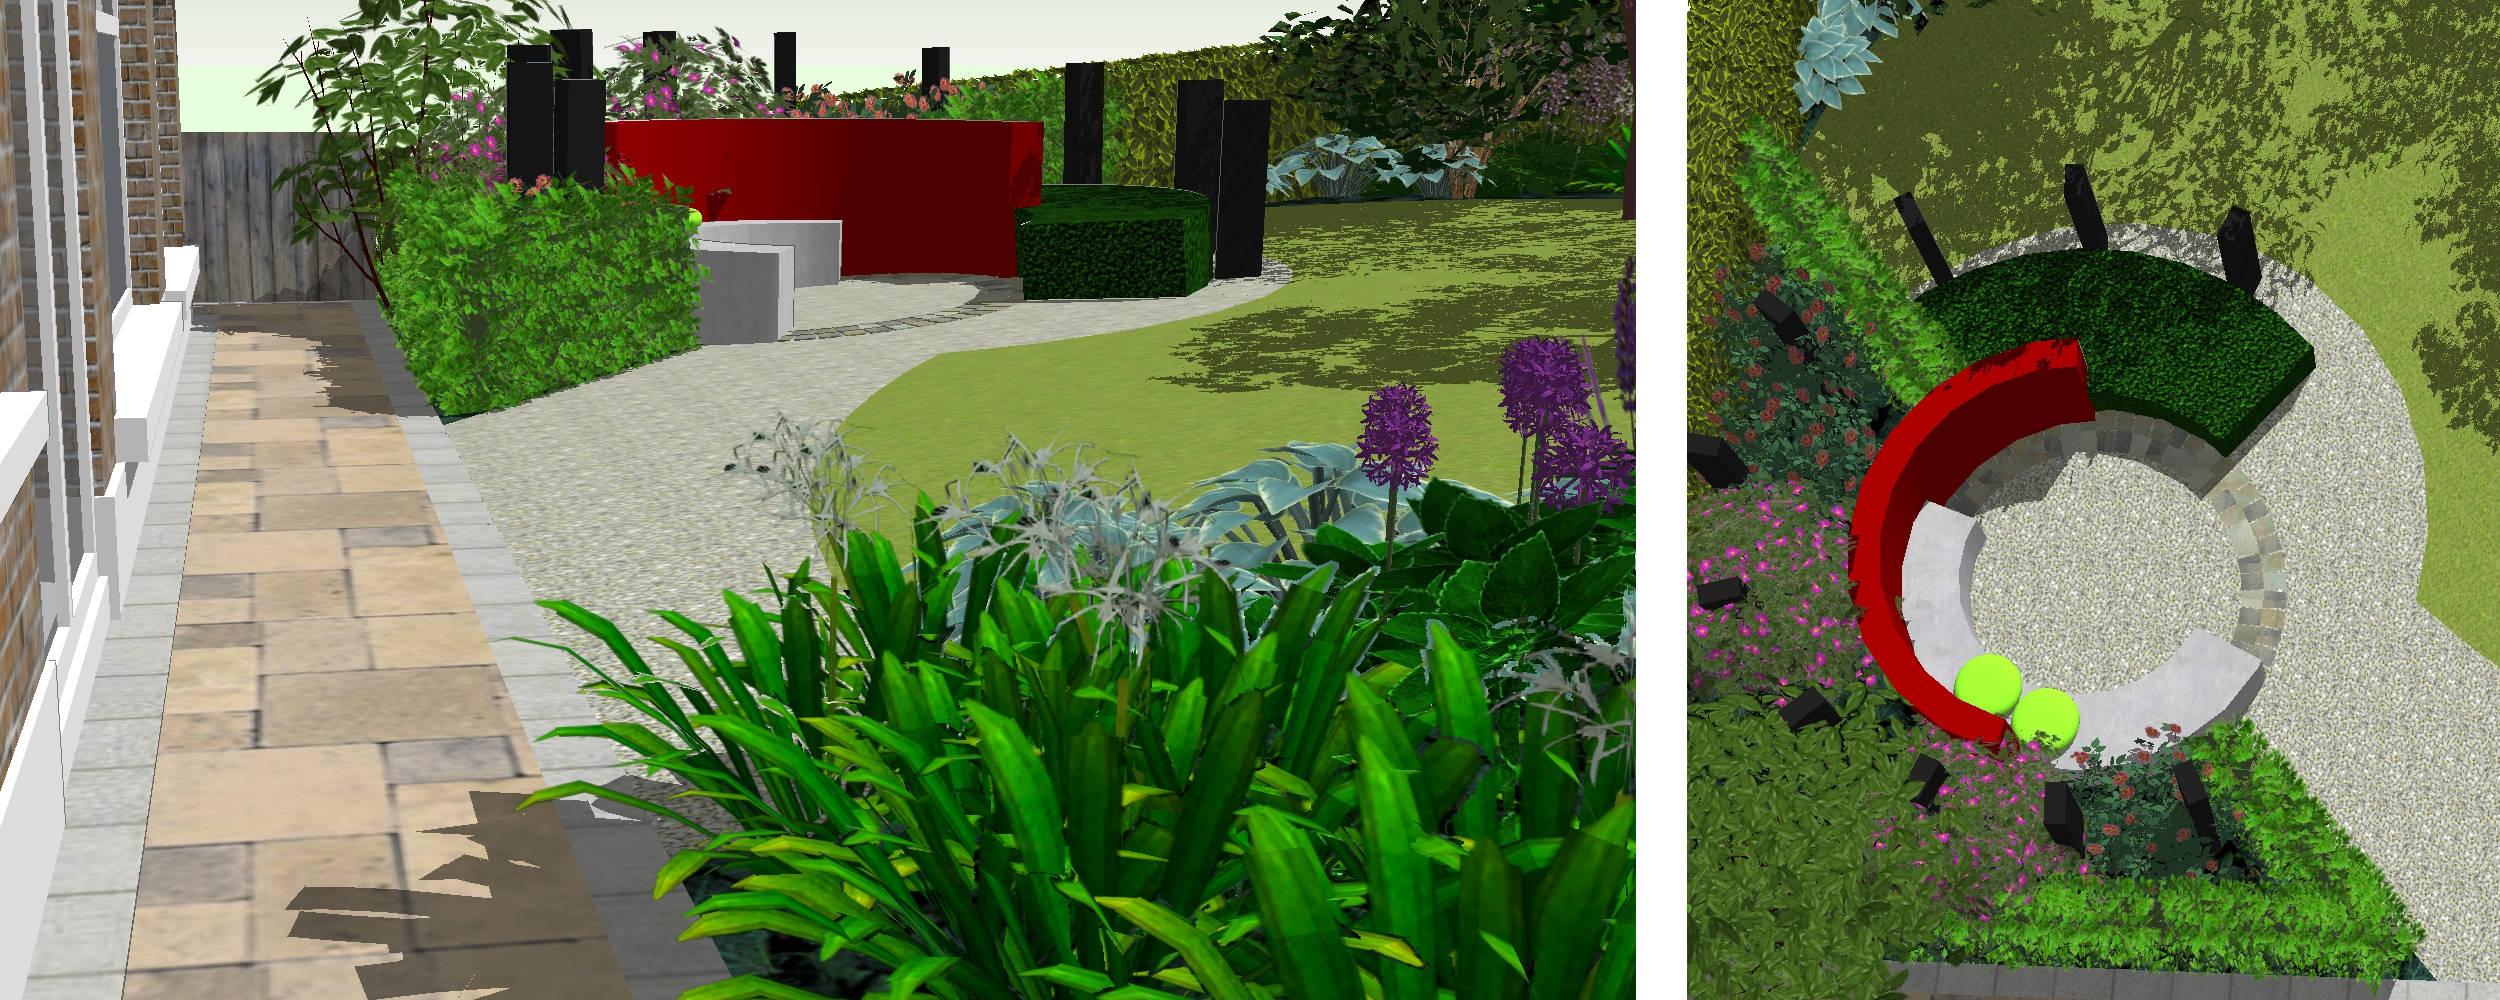 CAN YOU USE CURVES IN A SMALL GARDEN? — ARTHUR CHARLES Radial Garden Design on symmetrical garden design, linear garden design, vertical garden design, asymmetrical garden design, rectangular garden design,